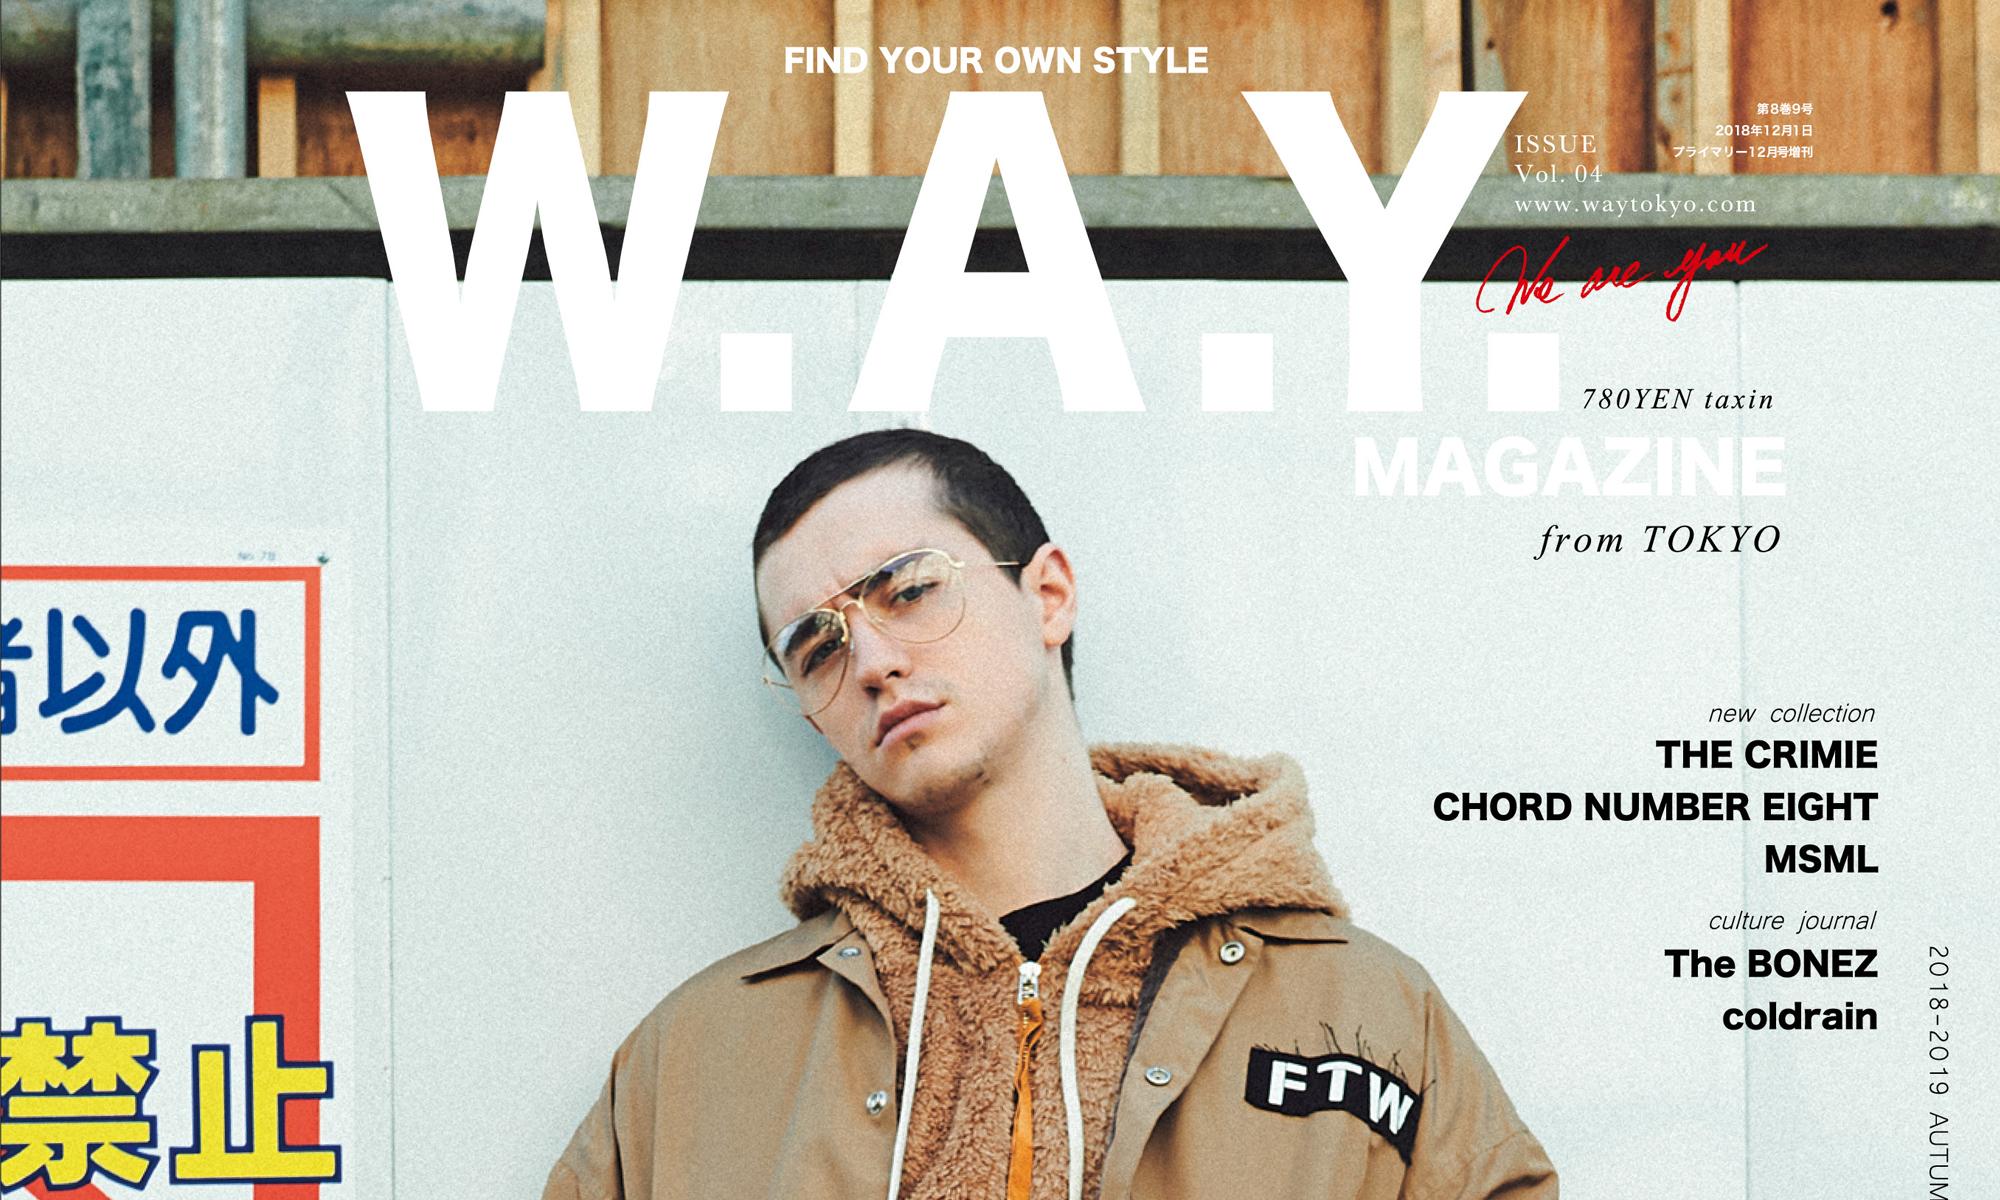 写真だけでの表現を目指す革新的マガジン『W.A.Y. vol.4』